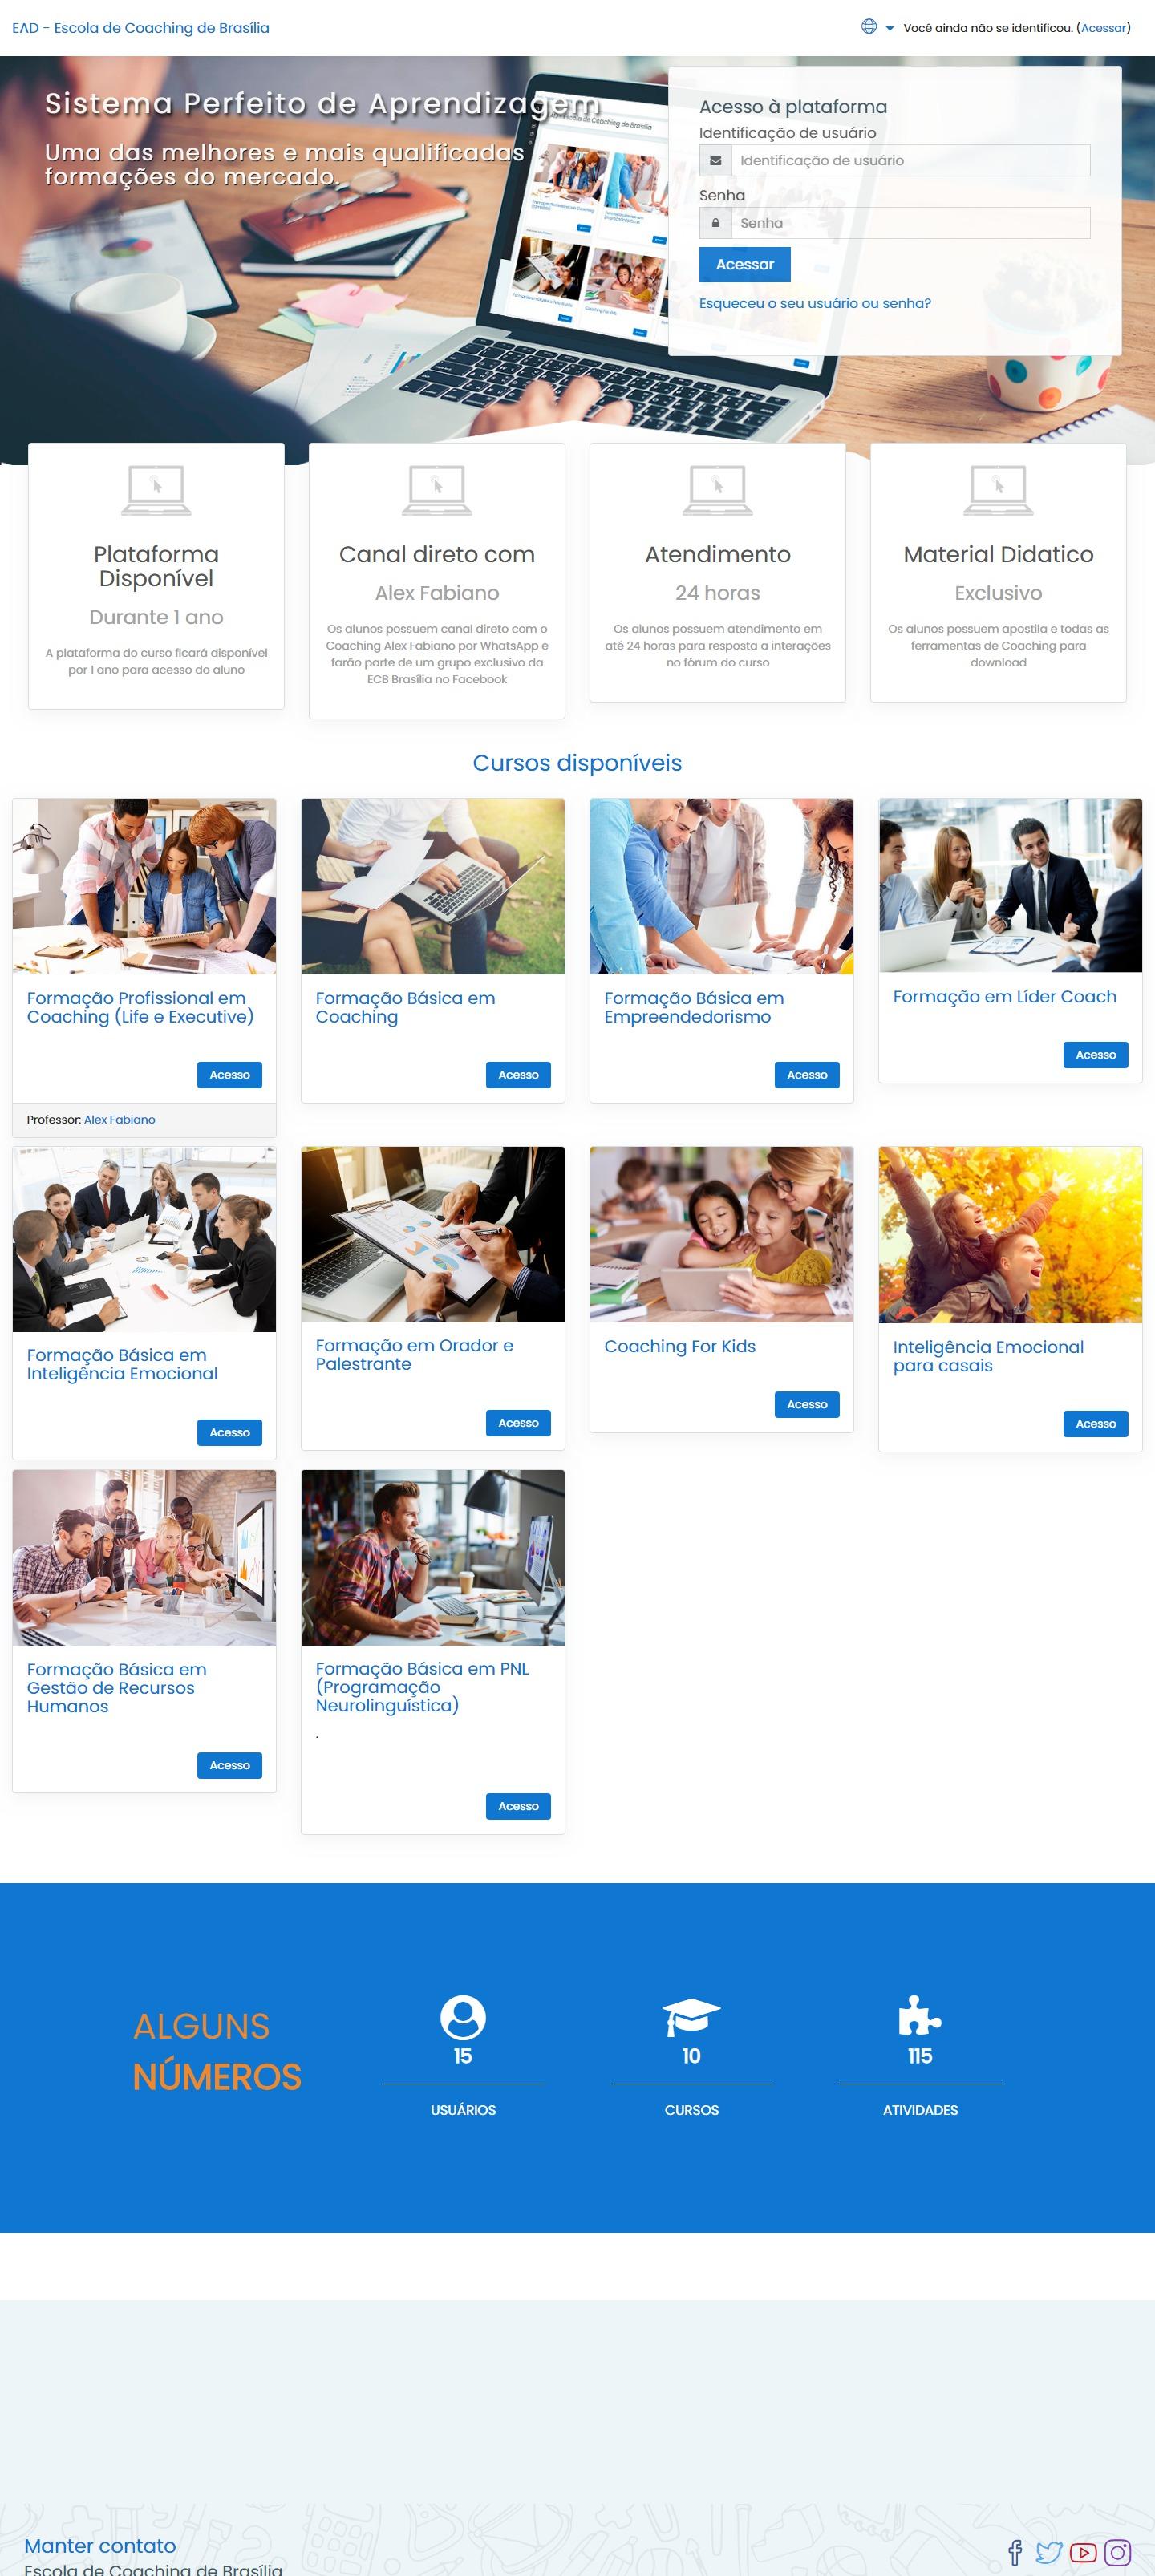 escola-de-coaching-de-brasilia-ecb-brasilia-tecnologia-desenvolvimento-sites-websites-suporte-seo-hospedagem-ead